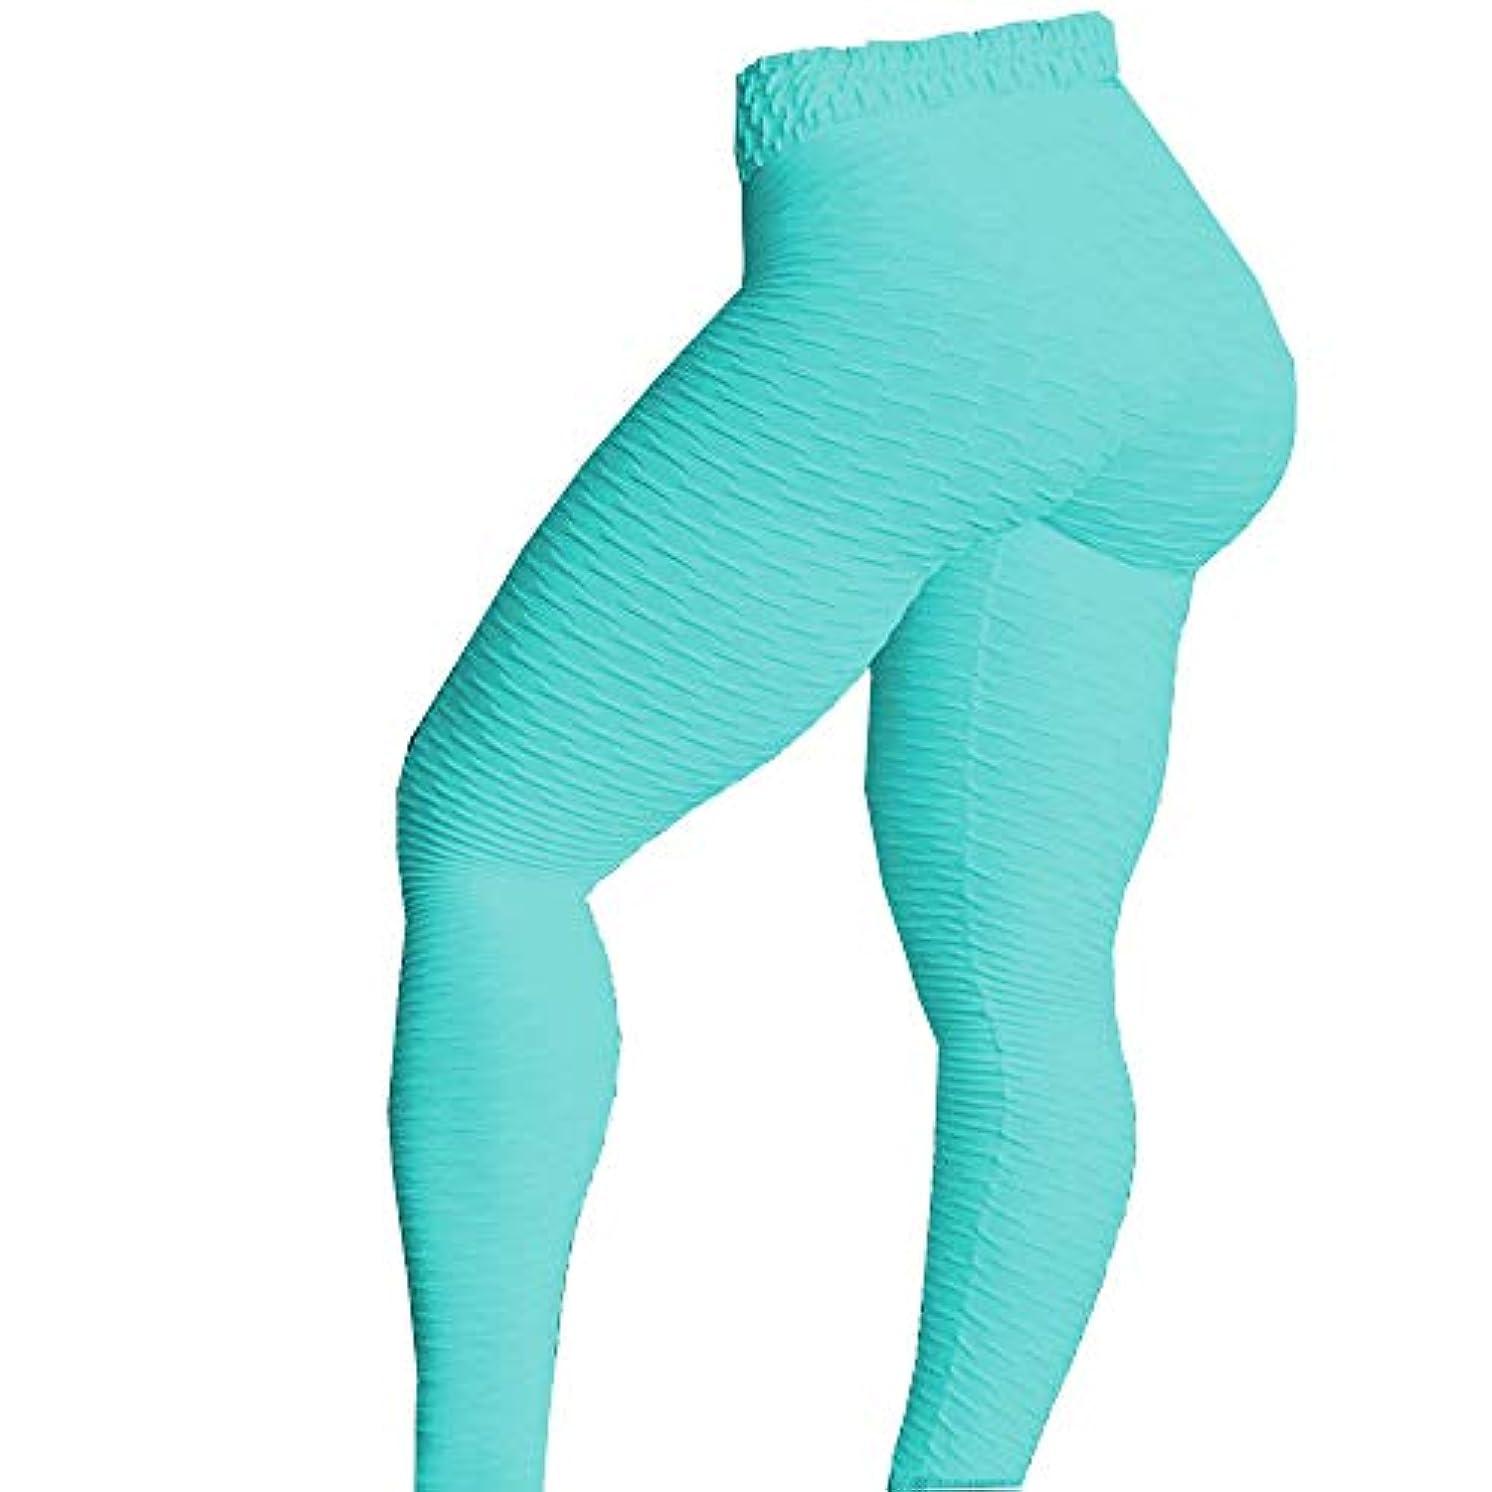 たっぷりクレーン正確さMIFAN パンツ女性、ハイウエストパンツ、スキニーパンツ、ヨガレギンス、女性のズボン、ランニングパンツ、スポーツウェア